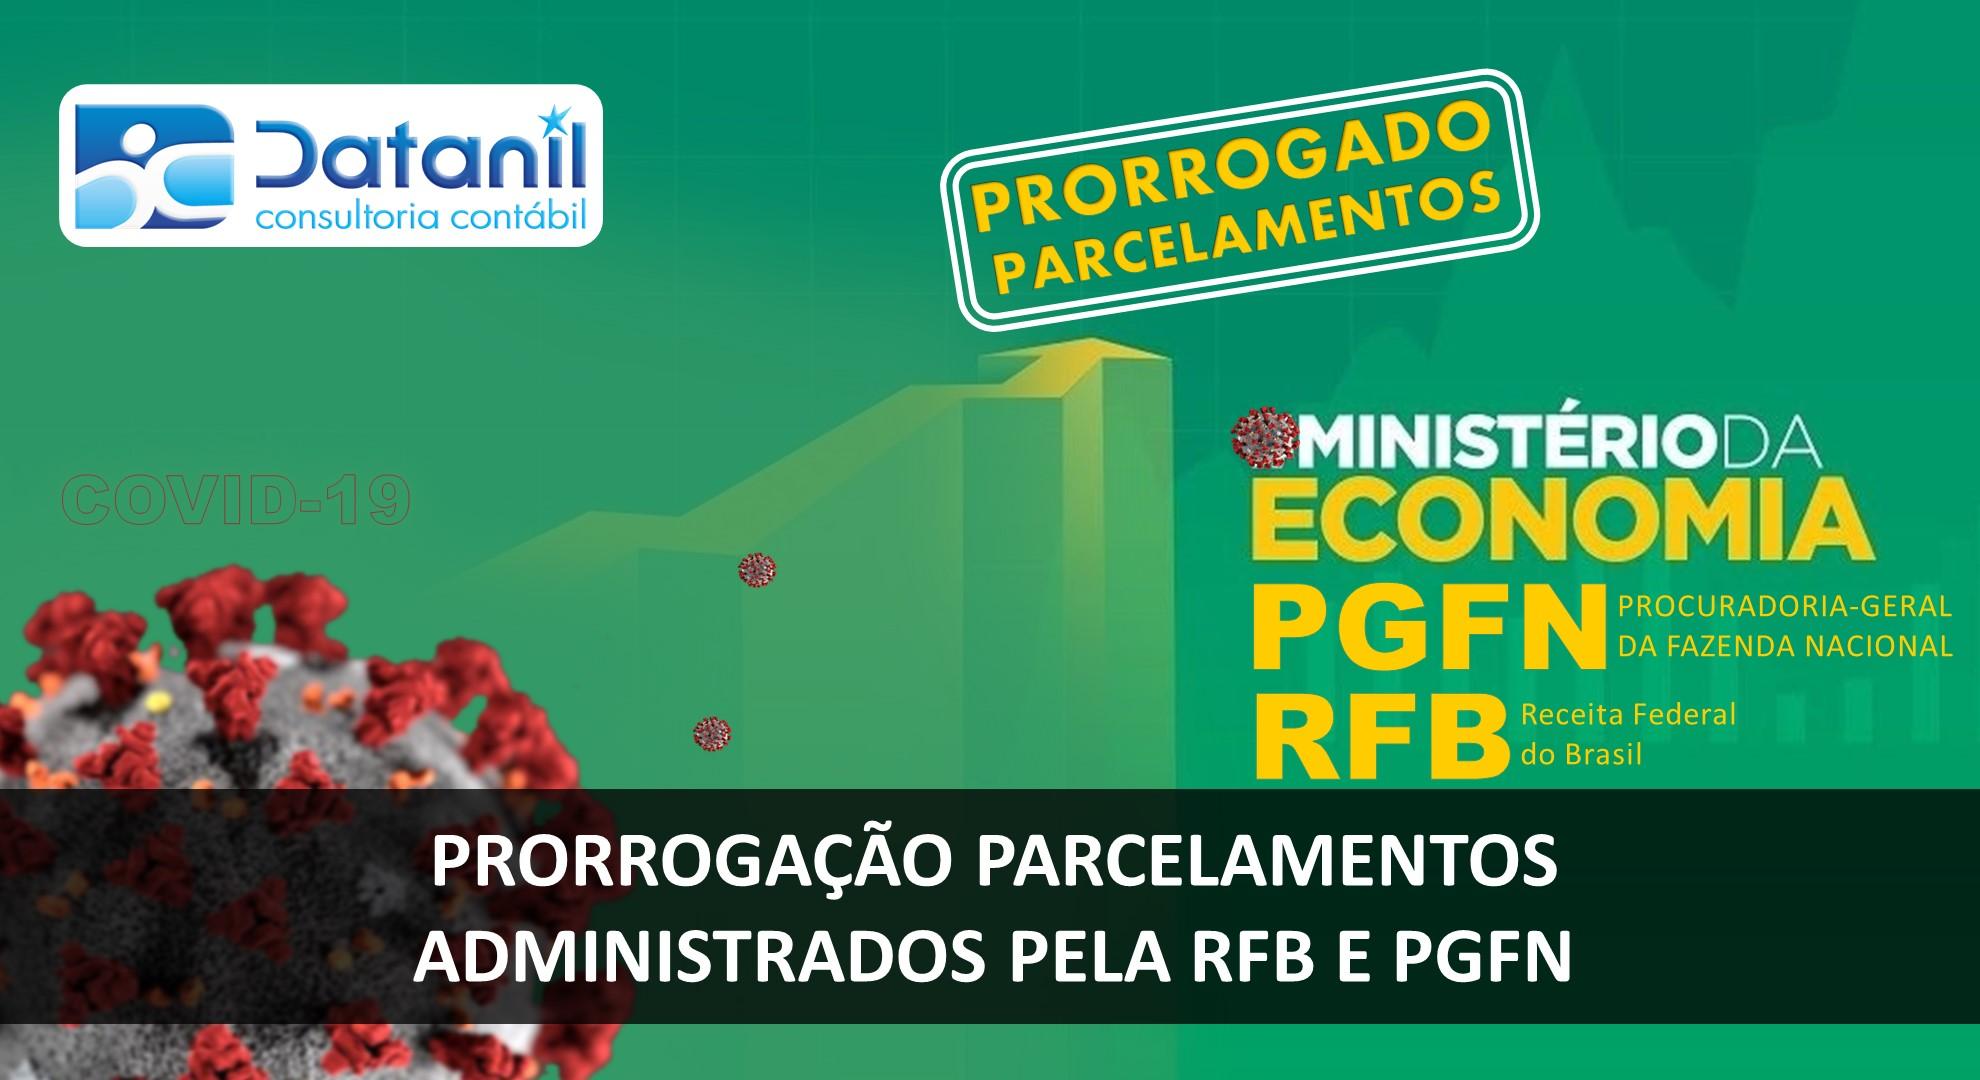 Prorrogação Parcelamentos Administrados Pela RFB E PGFN